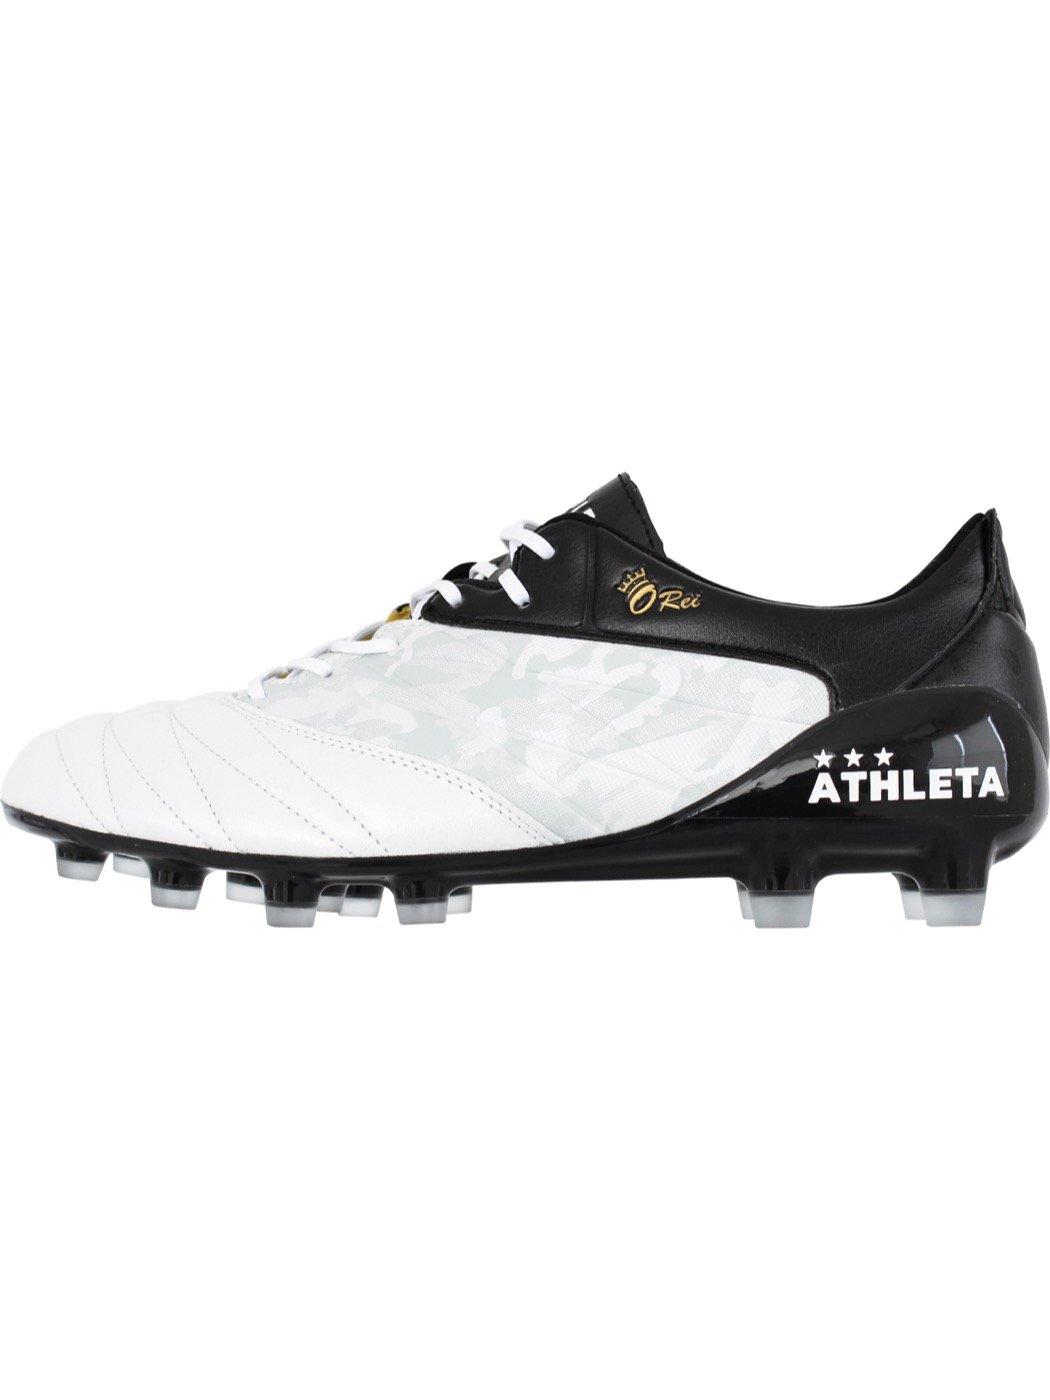 ATHLETA(アスレタ) O-Rei Futebol T002 10004-WHBL B06WD821Y3 28.0 cm PWH×BLK